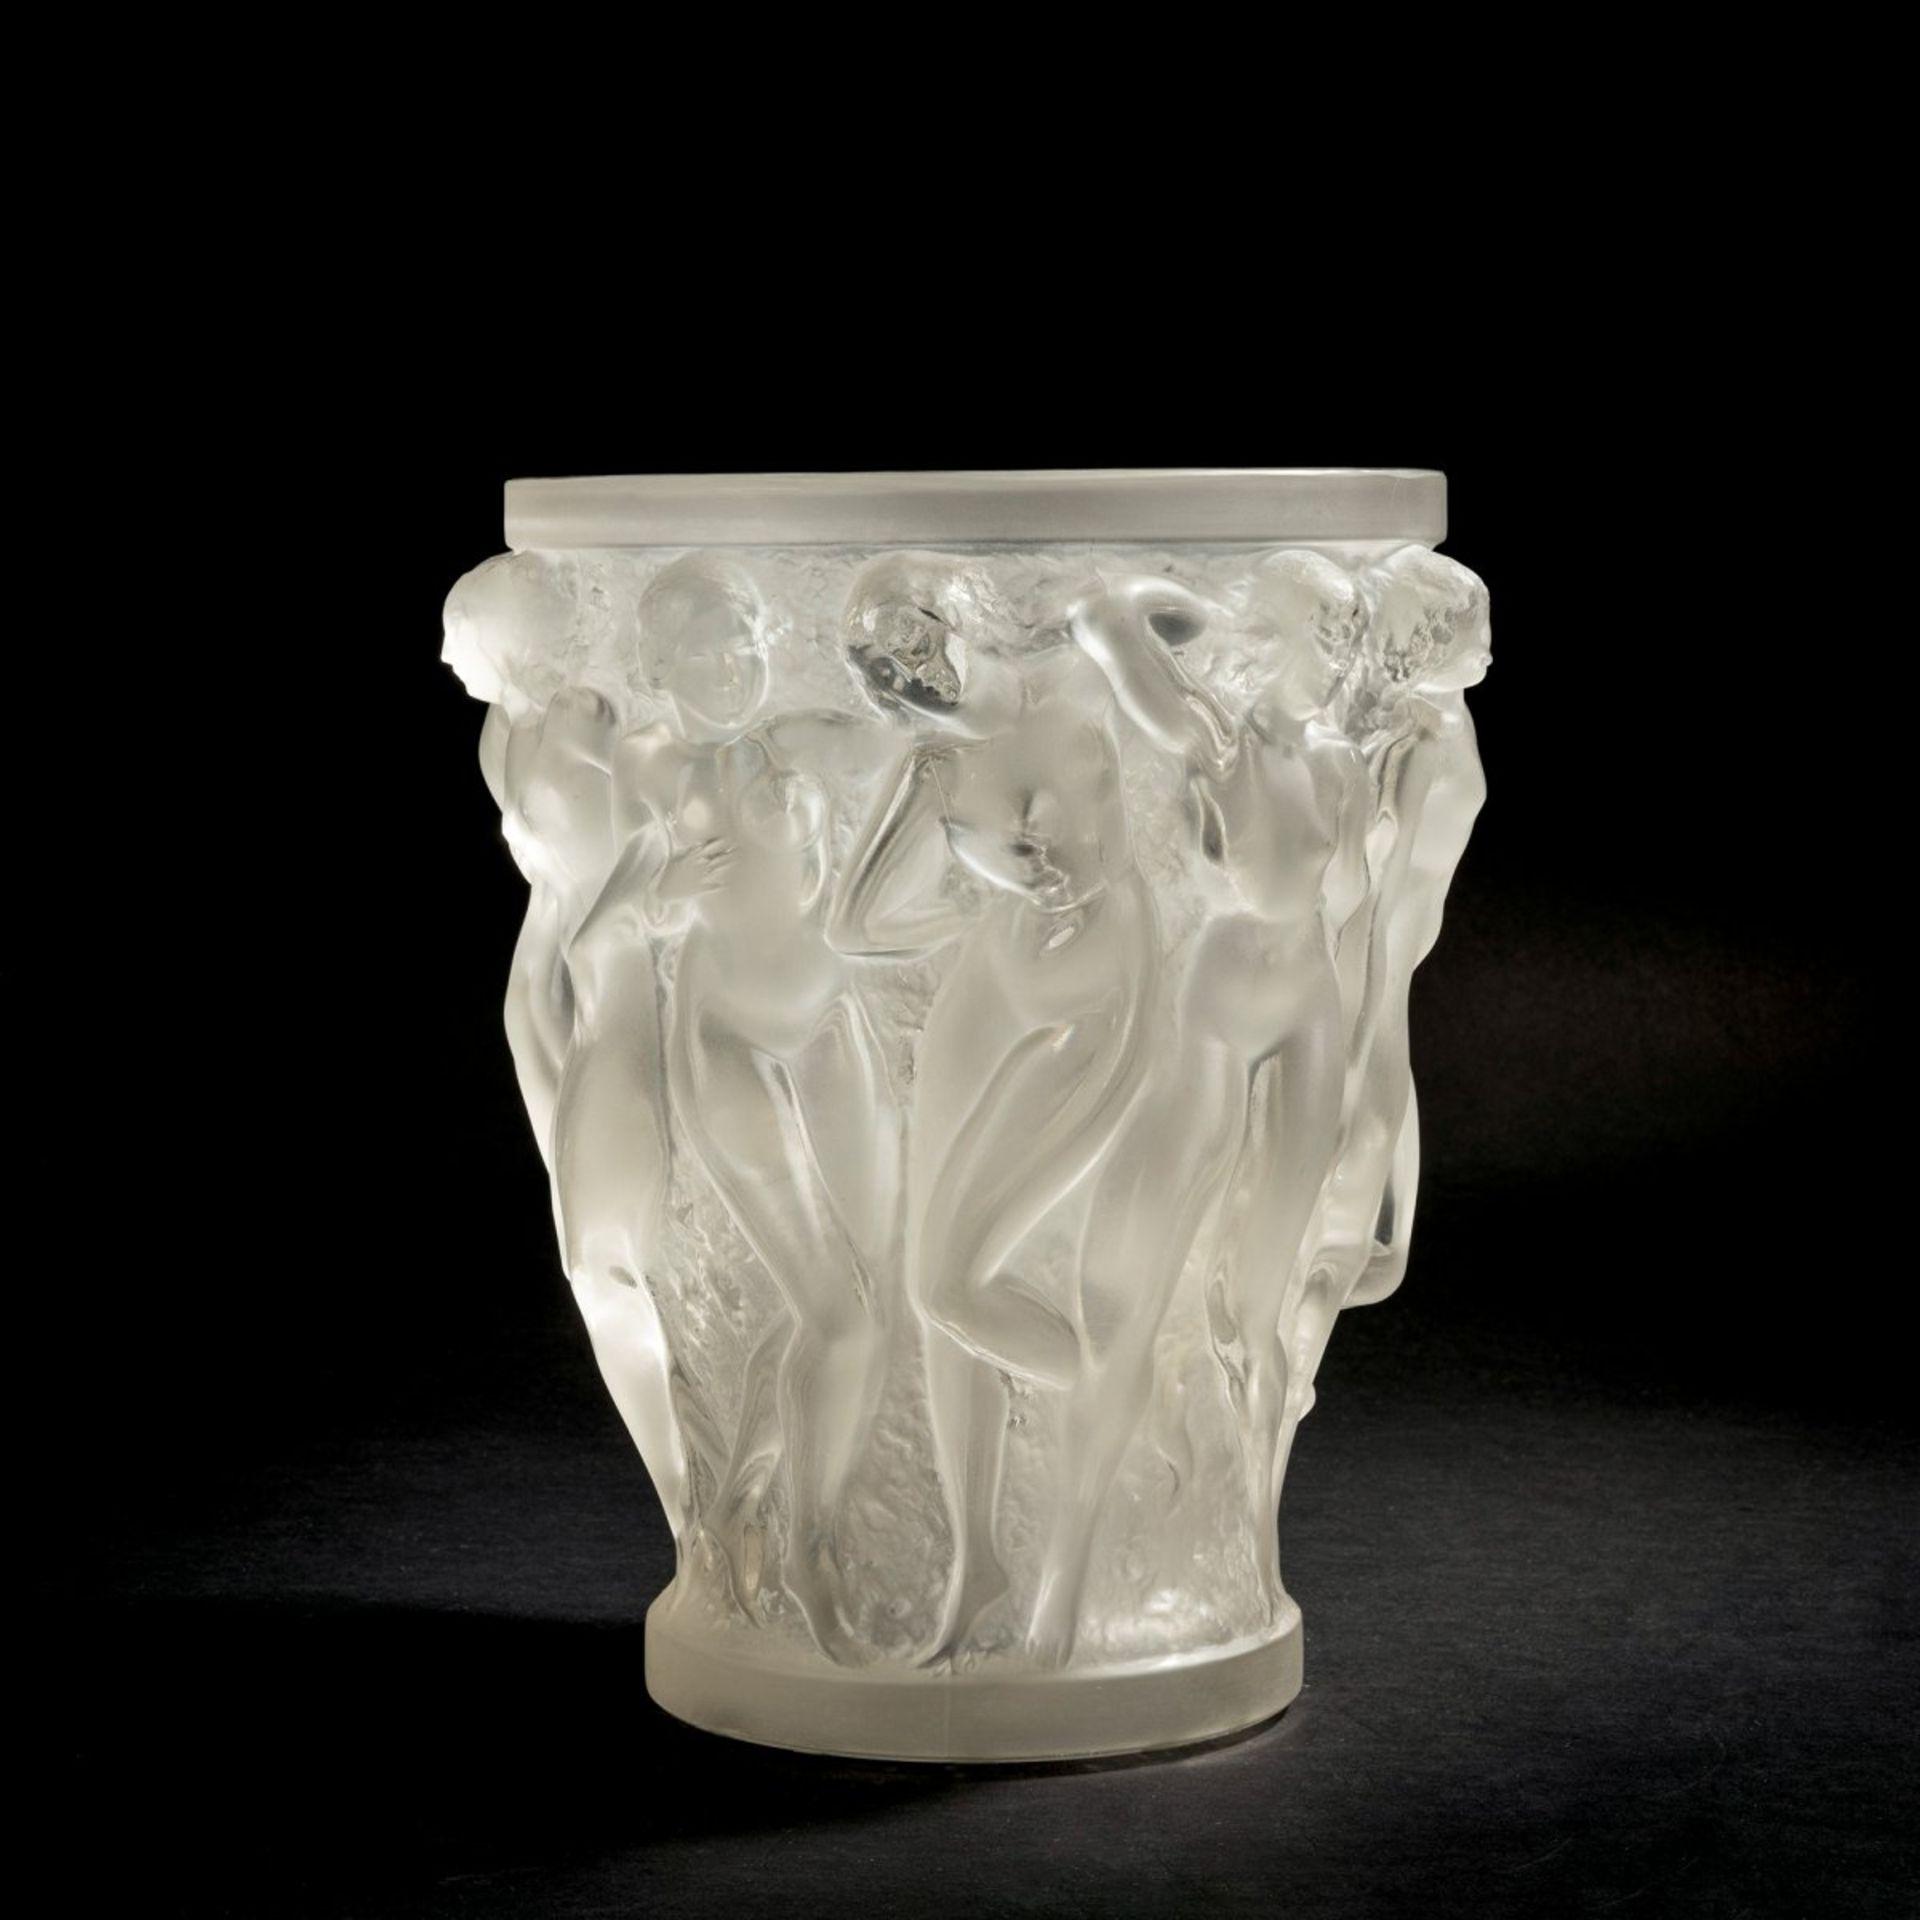 René Lalique, Vase 'Bacchantes', 1927